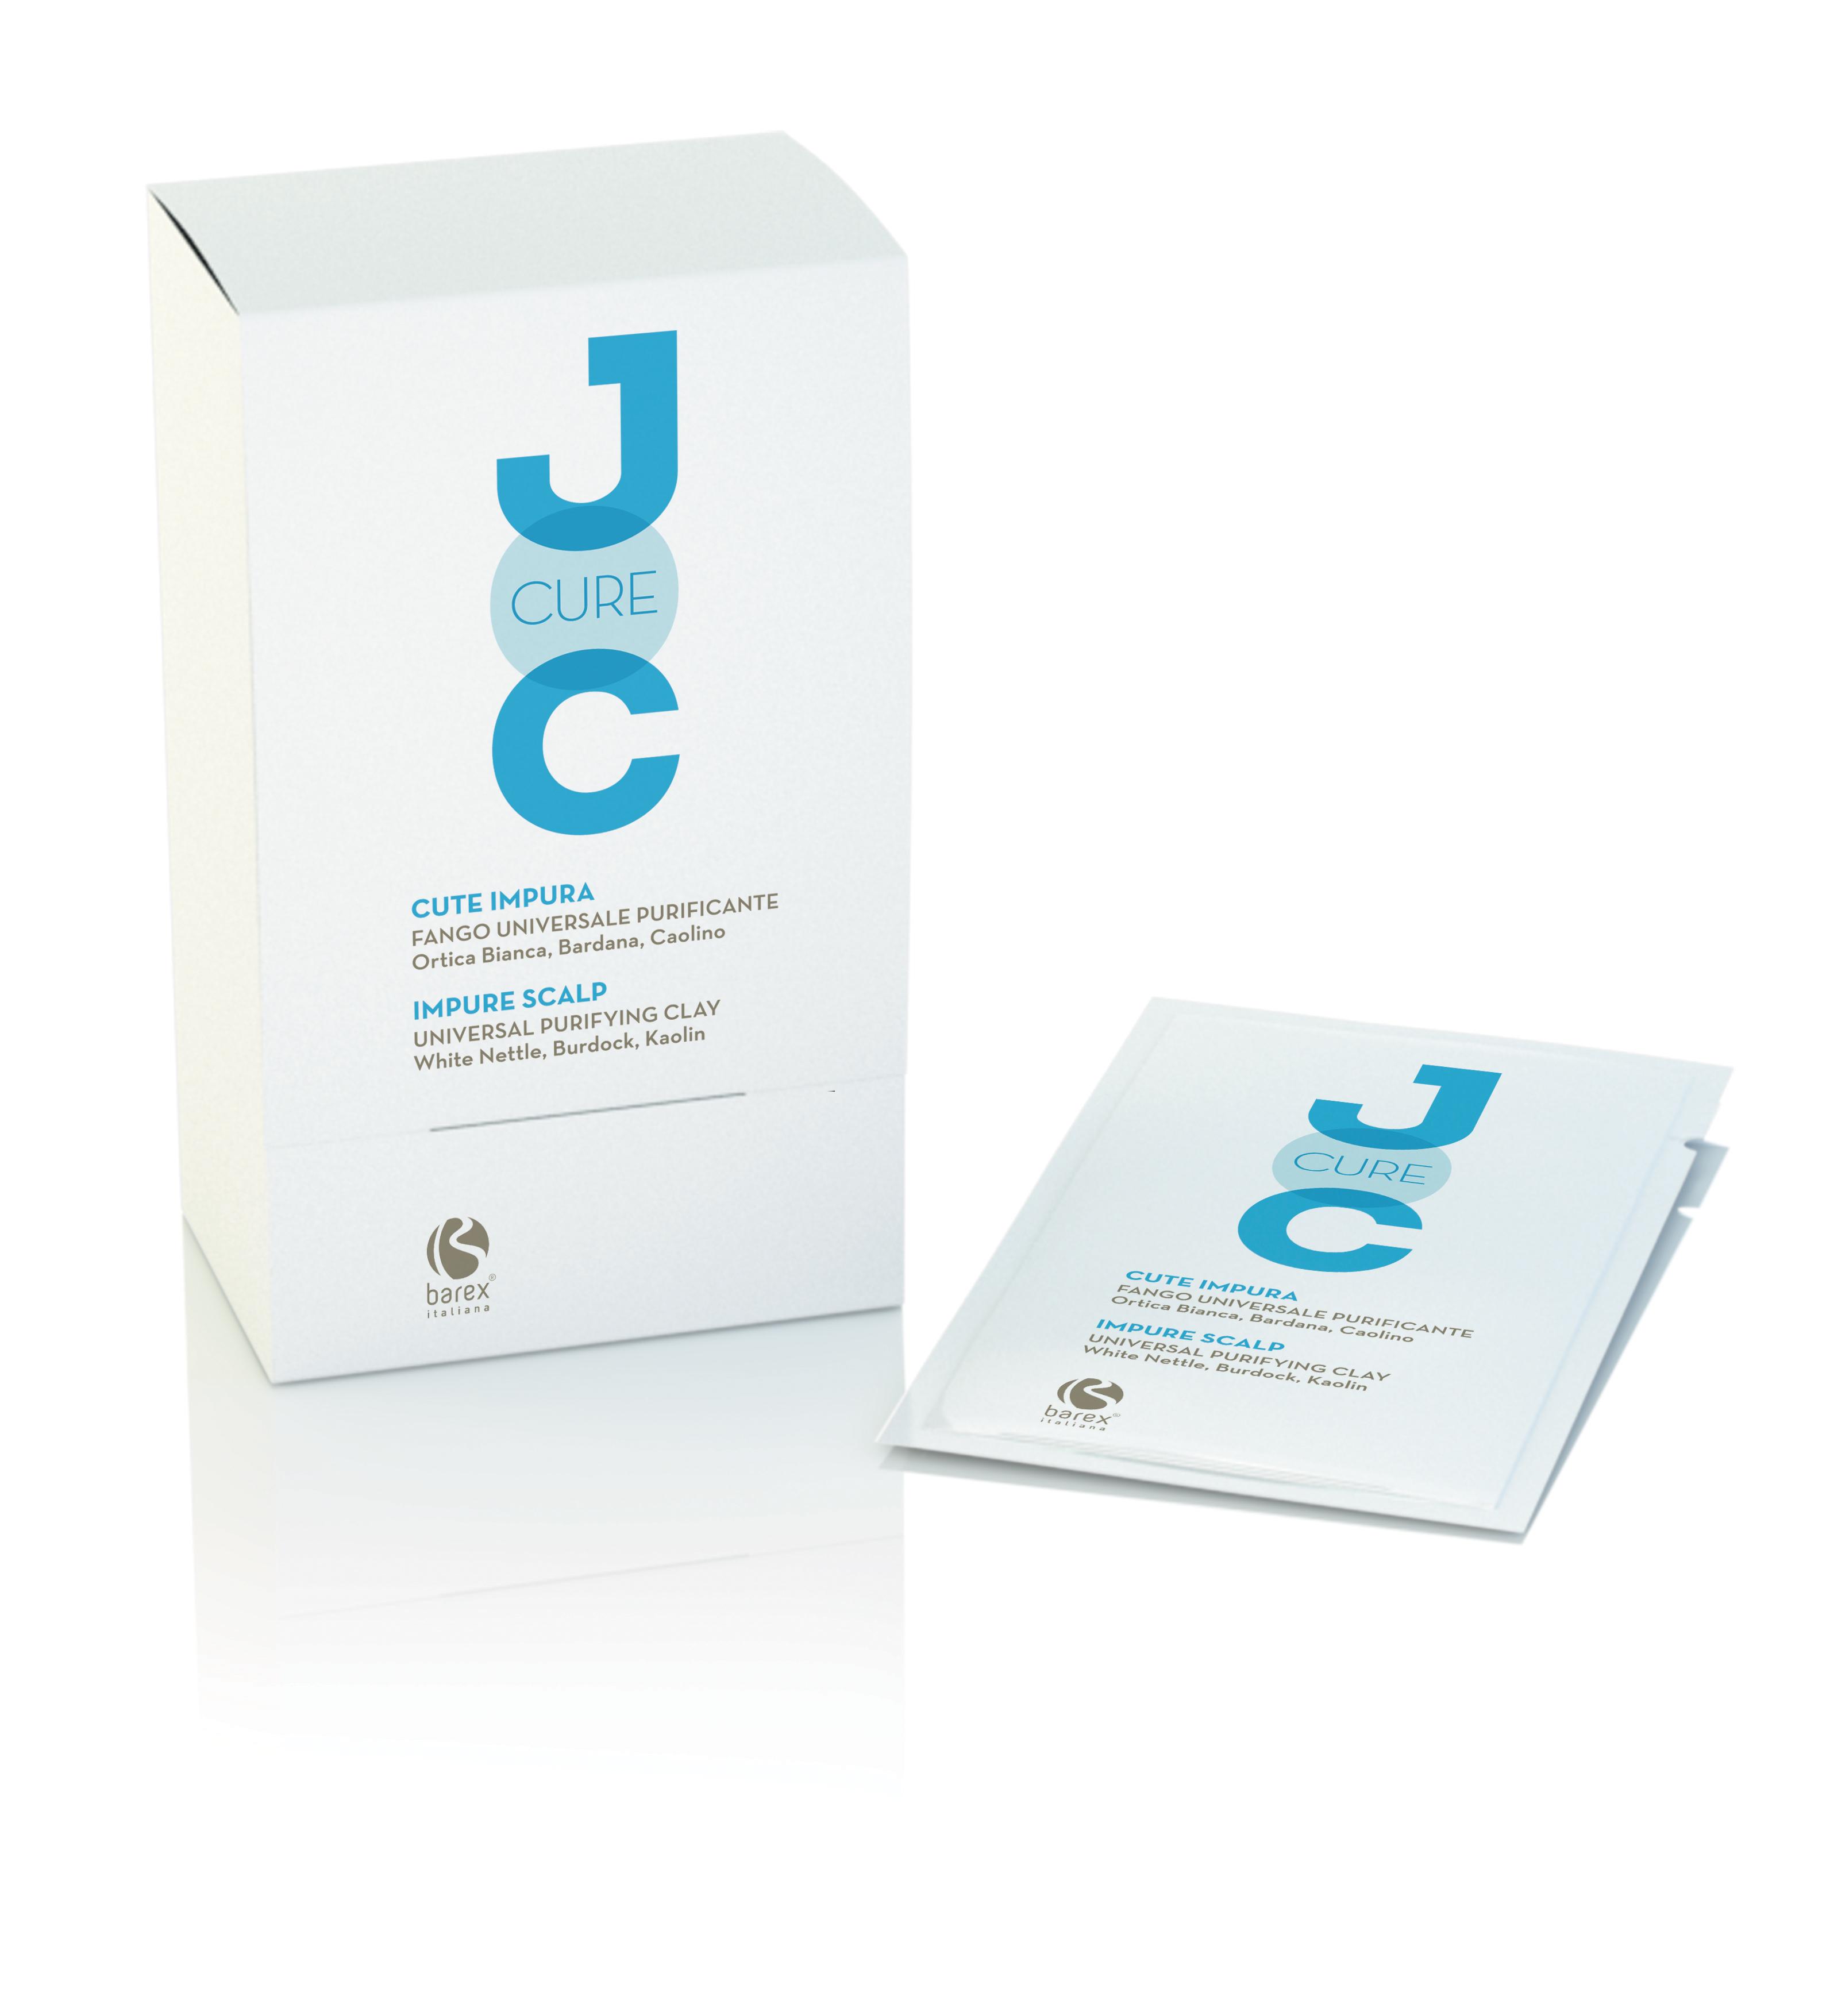 BAREX Глина универсальная очищающая с Белой крапивой, Лопухом и Каолином / JOC CURE 25млГлины<br>Густая и кремообразная натуральная глина оказывает успокаивающее действие и регулирует работу сальных желез. Идеально подходит для лечения перхоти и проблемной кожи головы. Каолин (Белая глина): богата ценными микропримесями и смягчающими элементами, успокаивает и отшелушивает кожу головы, благодаря чему удаляются загрязнения. Крапива белая: восстанавливает кожу головы. Лопух: активно лечит кожу головы. Активные ингредиенты: каолин (Белая глина), крапива белая, лопух, масло сладкого миндаля, экстракт лимона, экстракт конского каштана, биотин. Способ применения: глина уже готова к использованию. Поместите содержимое пакетика в миску и с помощью кисти нанесите средство по всей длине волос, начиная с корней, распределите его равномерно. Нанесите на покрасневшие участки кожи головы, чтобы быстро снять раздражение. Оставьте на 5 минут, затем смойте с наиболее подходящим вам шампунем JOC CURE.<br><br>Вид средства для волос: Очищающий<br>Назначение: Перхоть